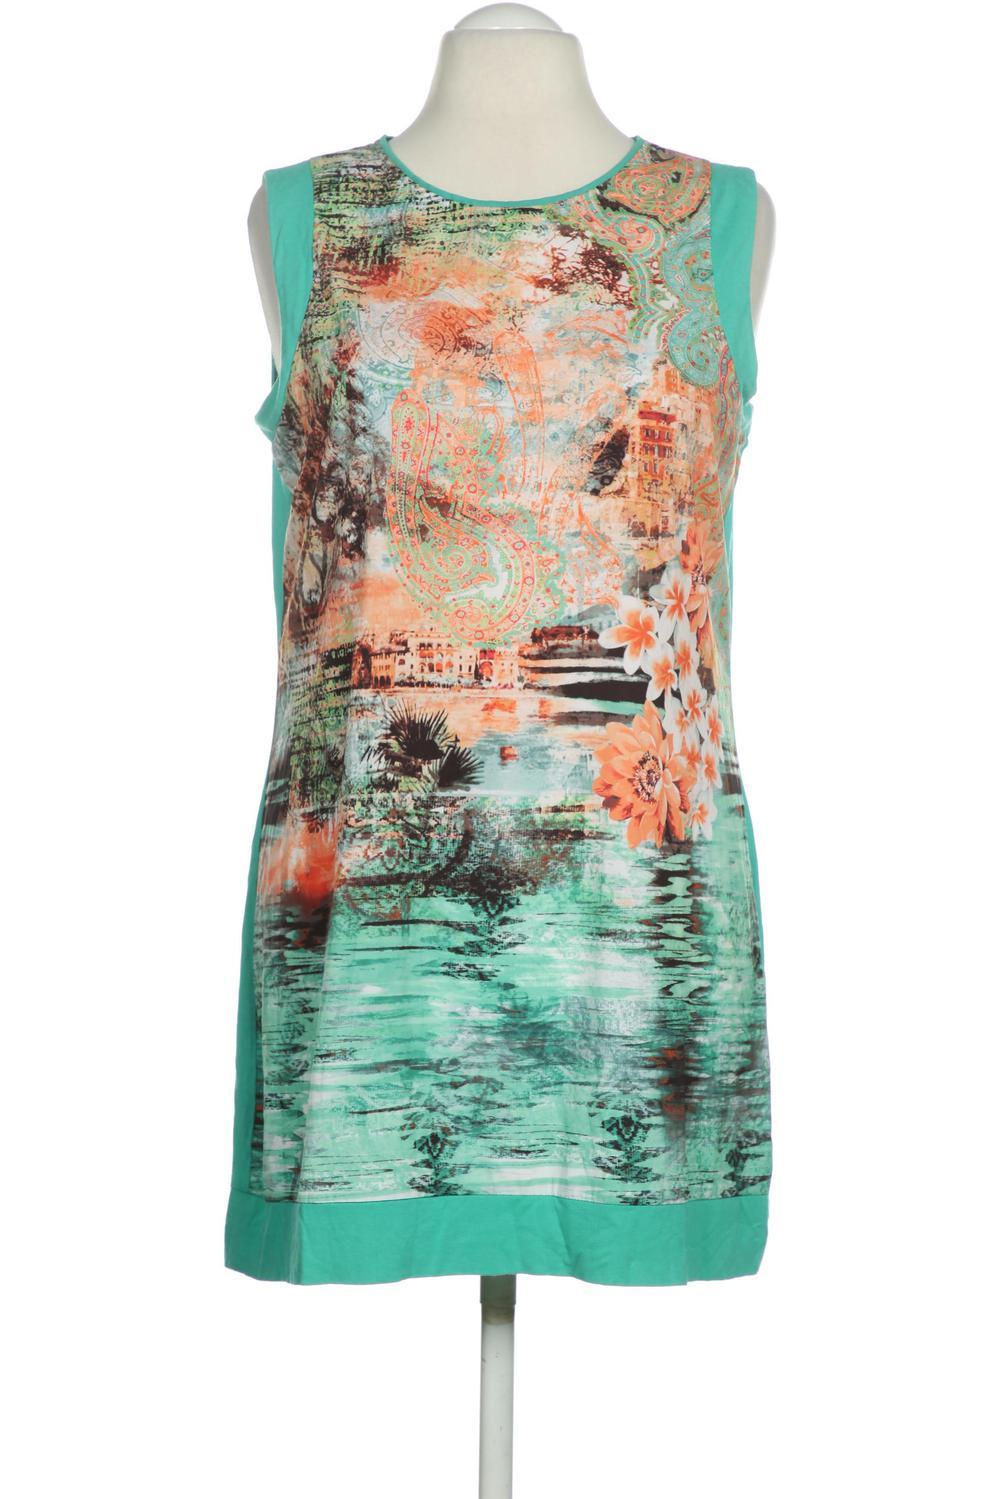 details zu gerry weber kleid damen dress damenkleid gr. xl kein etikett  grün #c7bc08b